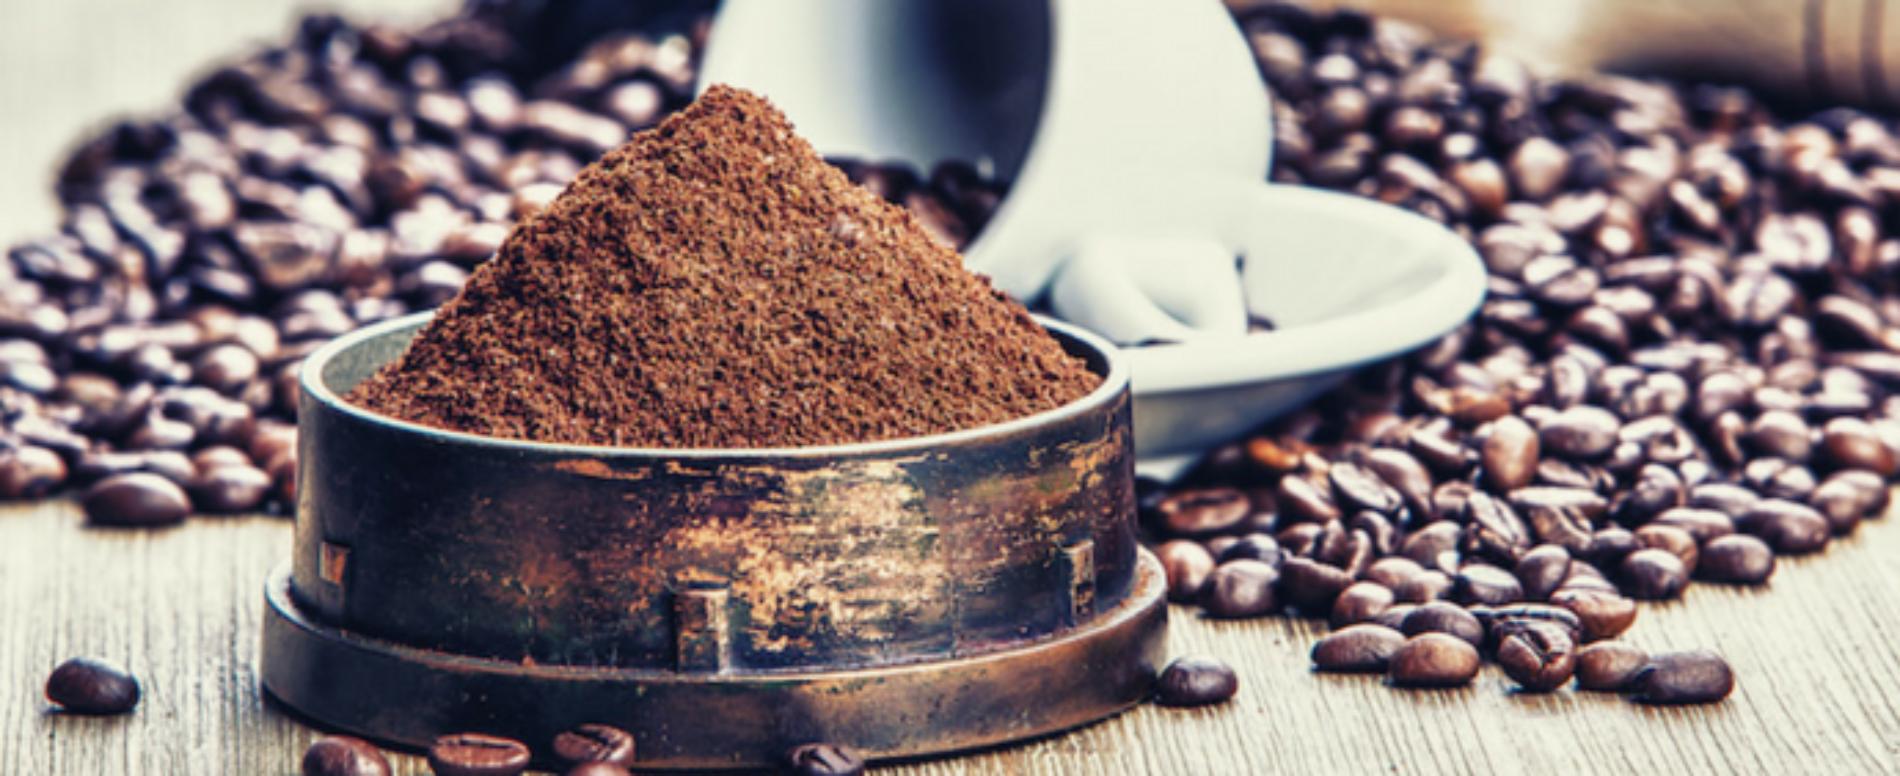 Depurare l'acqua con i fondi del caffè